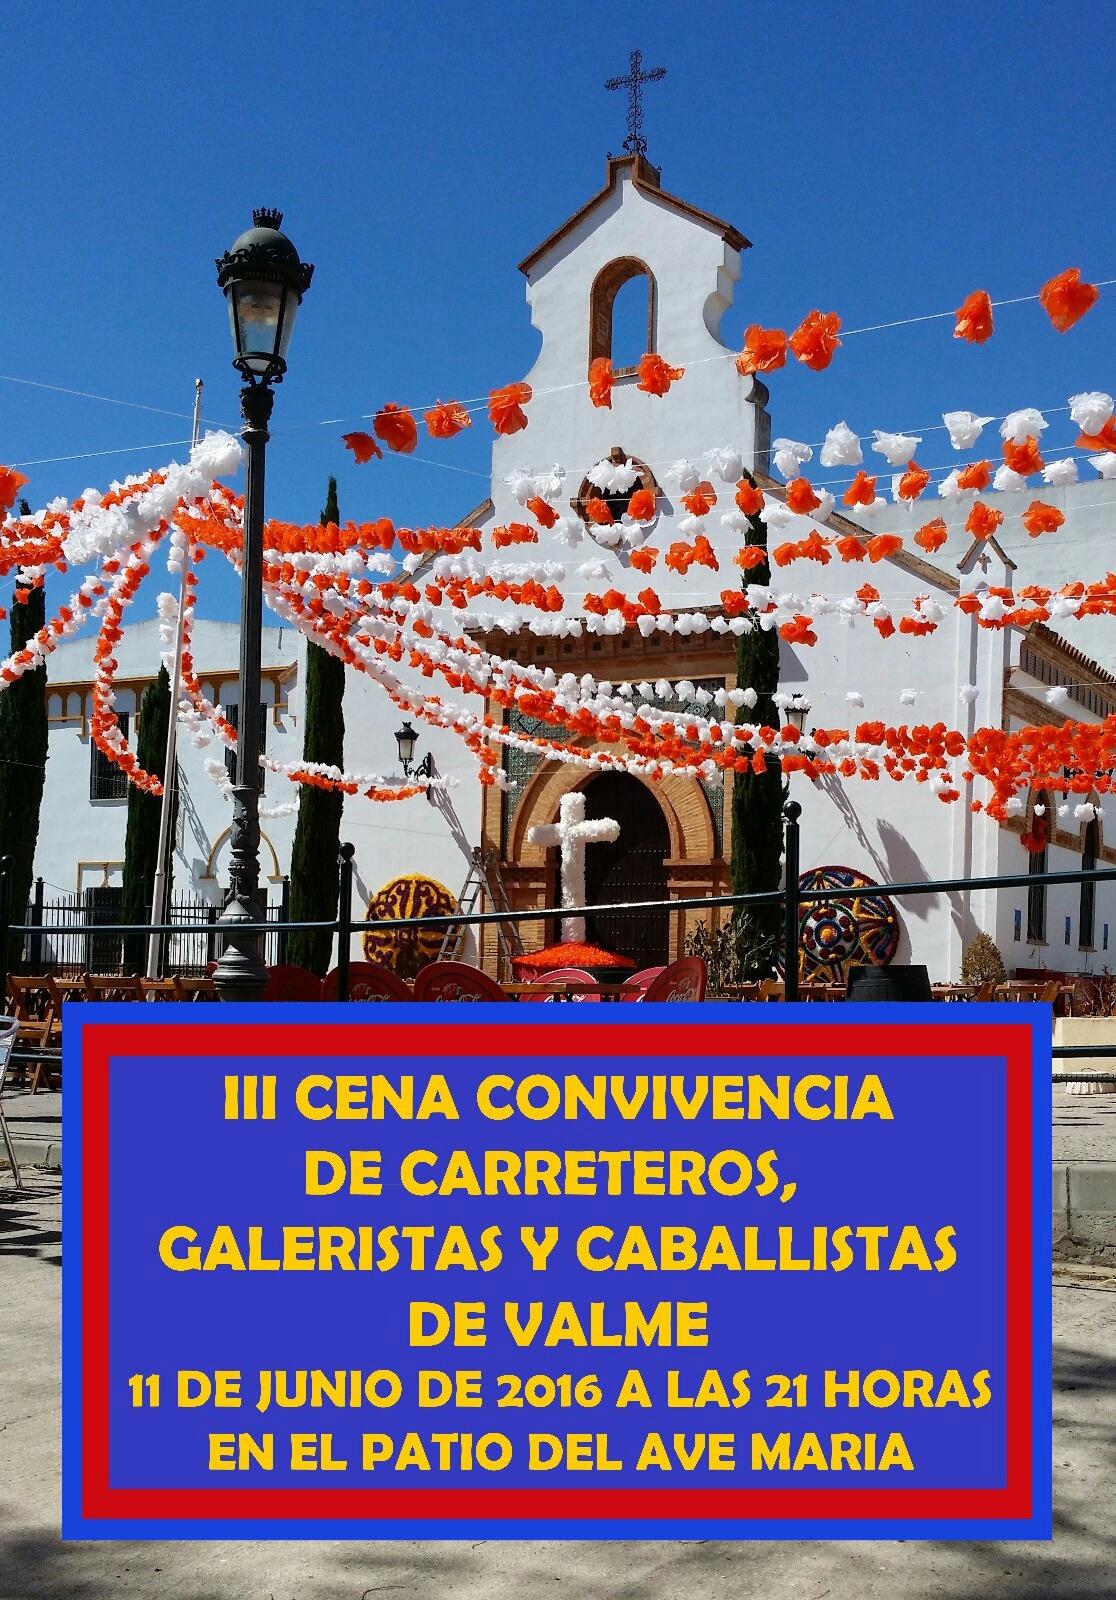 III Cena-Convivencia de Carreteros, Galeristas y Caballistas de Valme